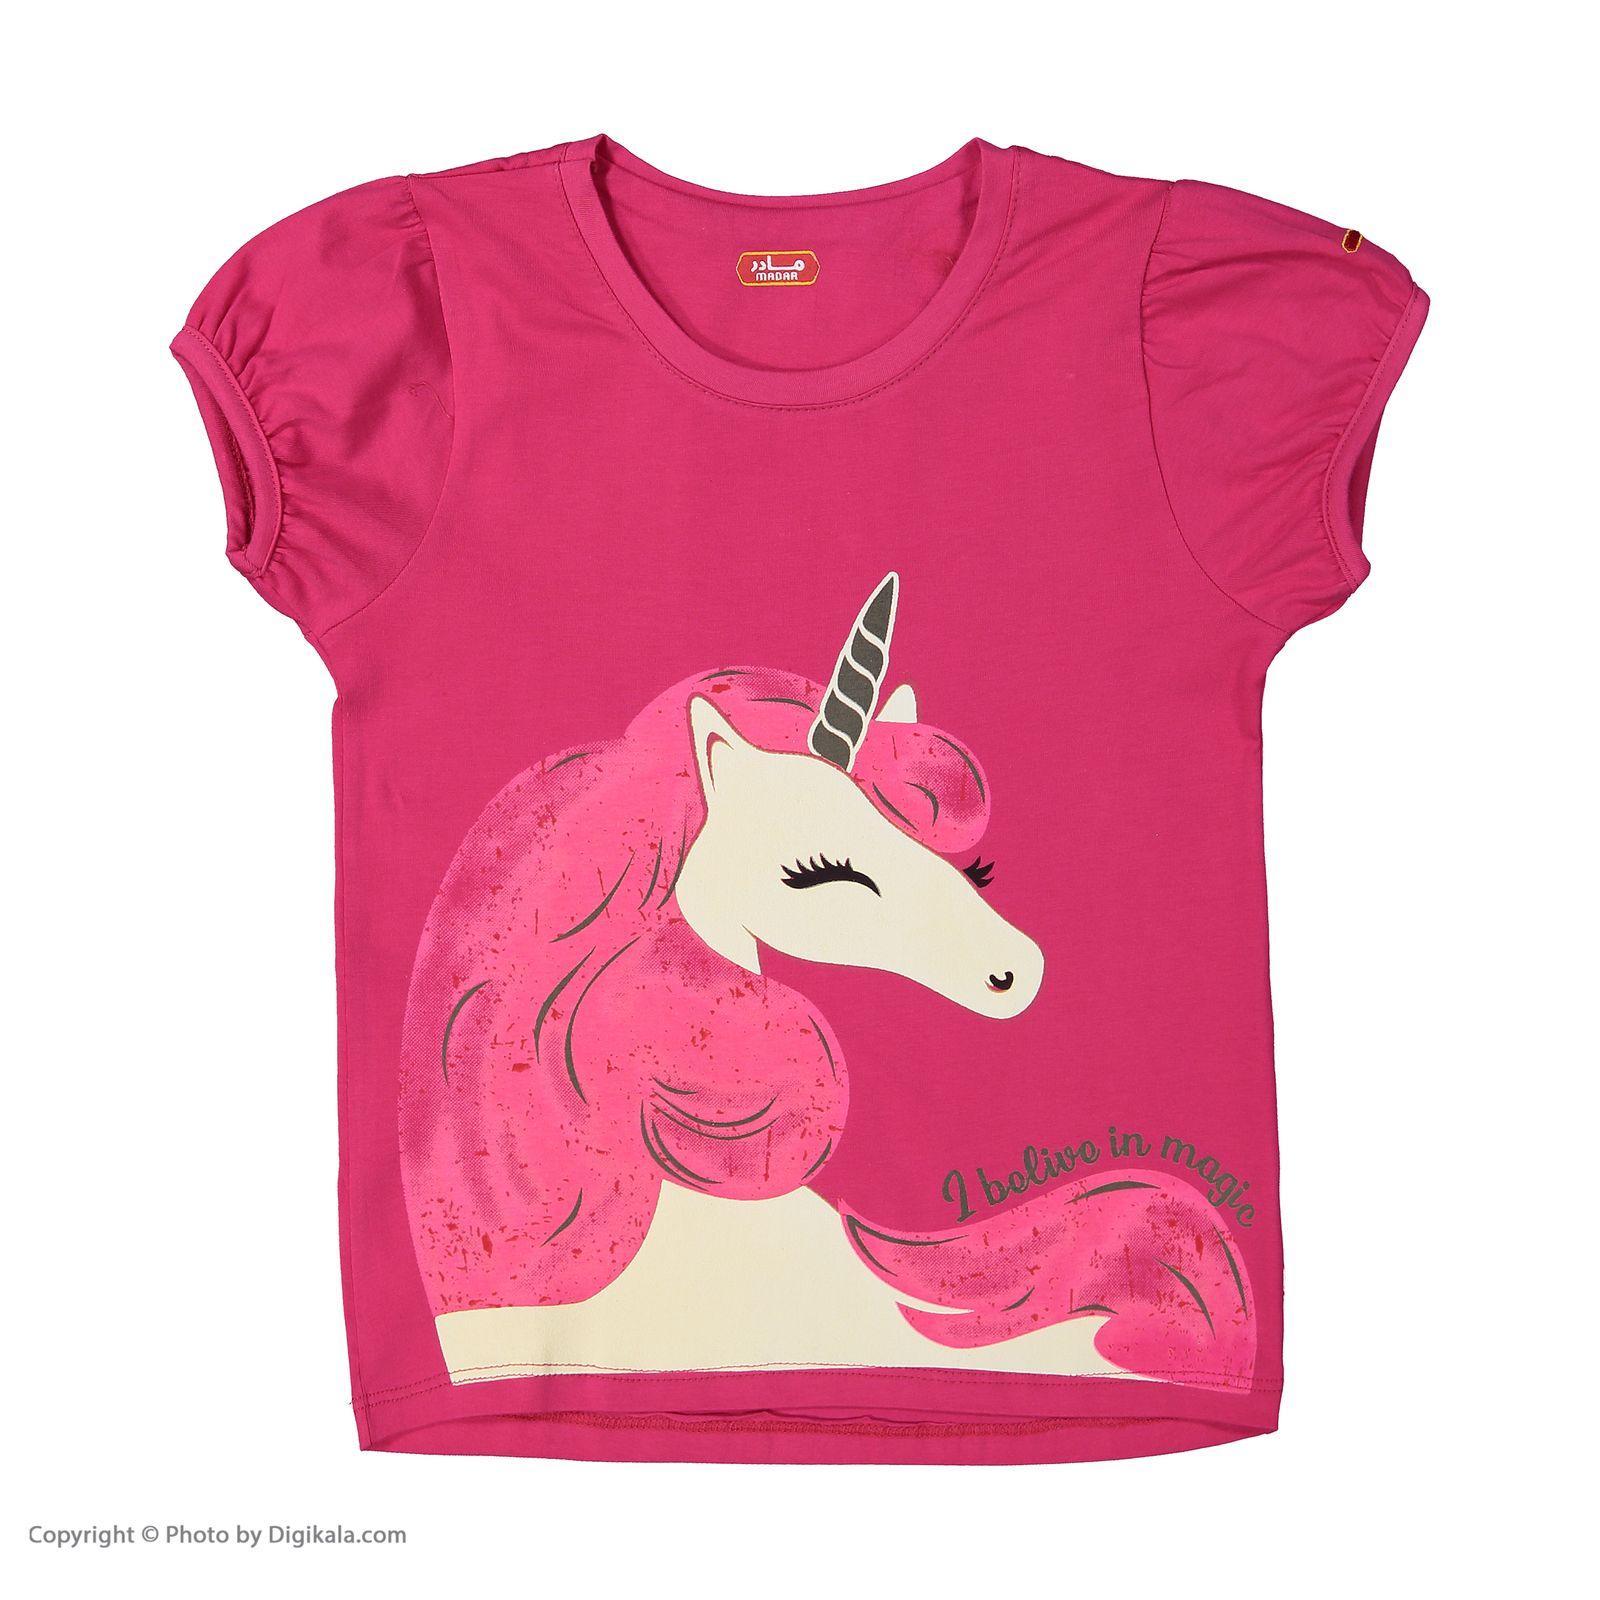 ست تی شرت و شلوار دخترانه مادر مدل 2041104-66 main 1 2